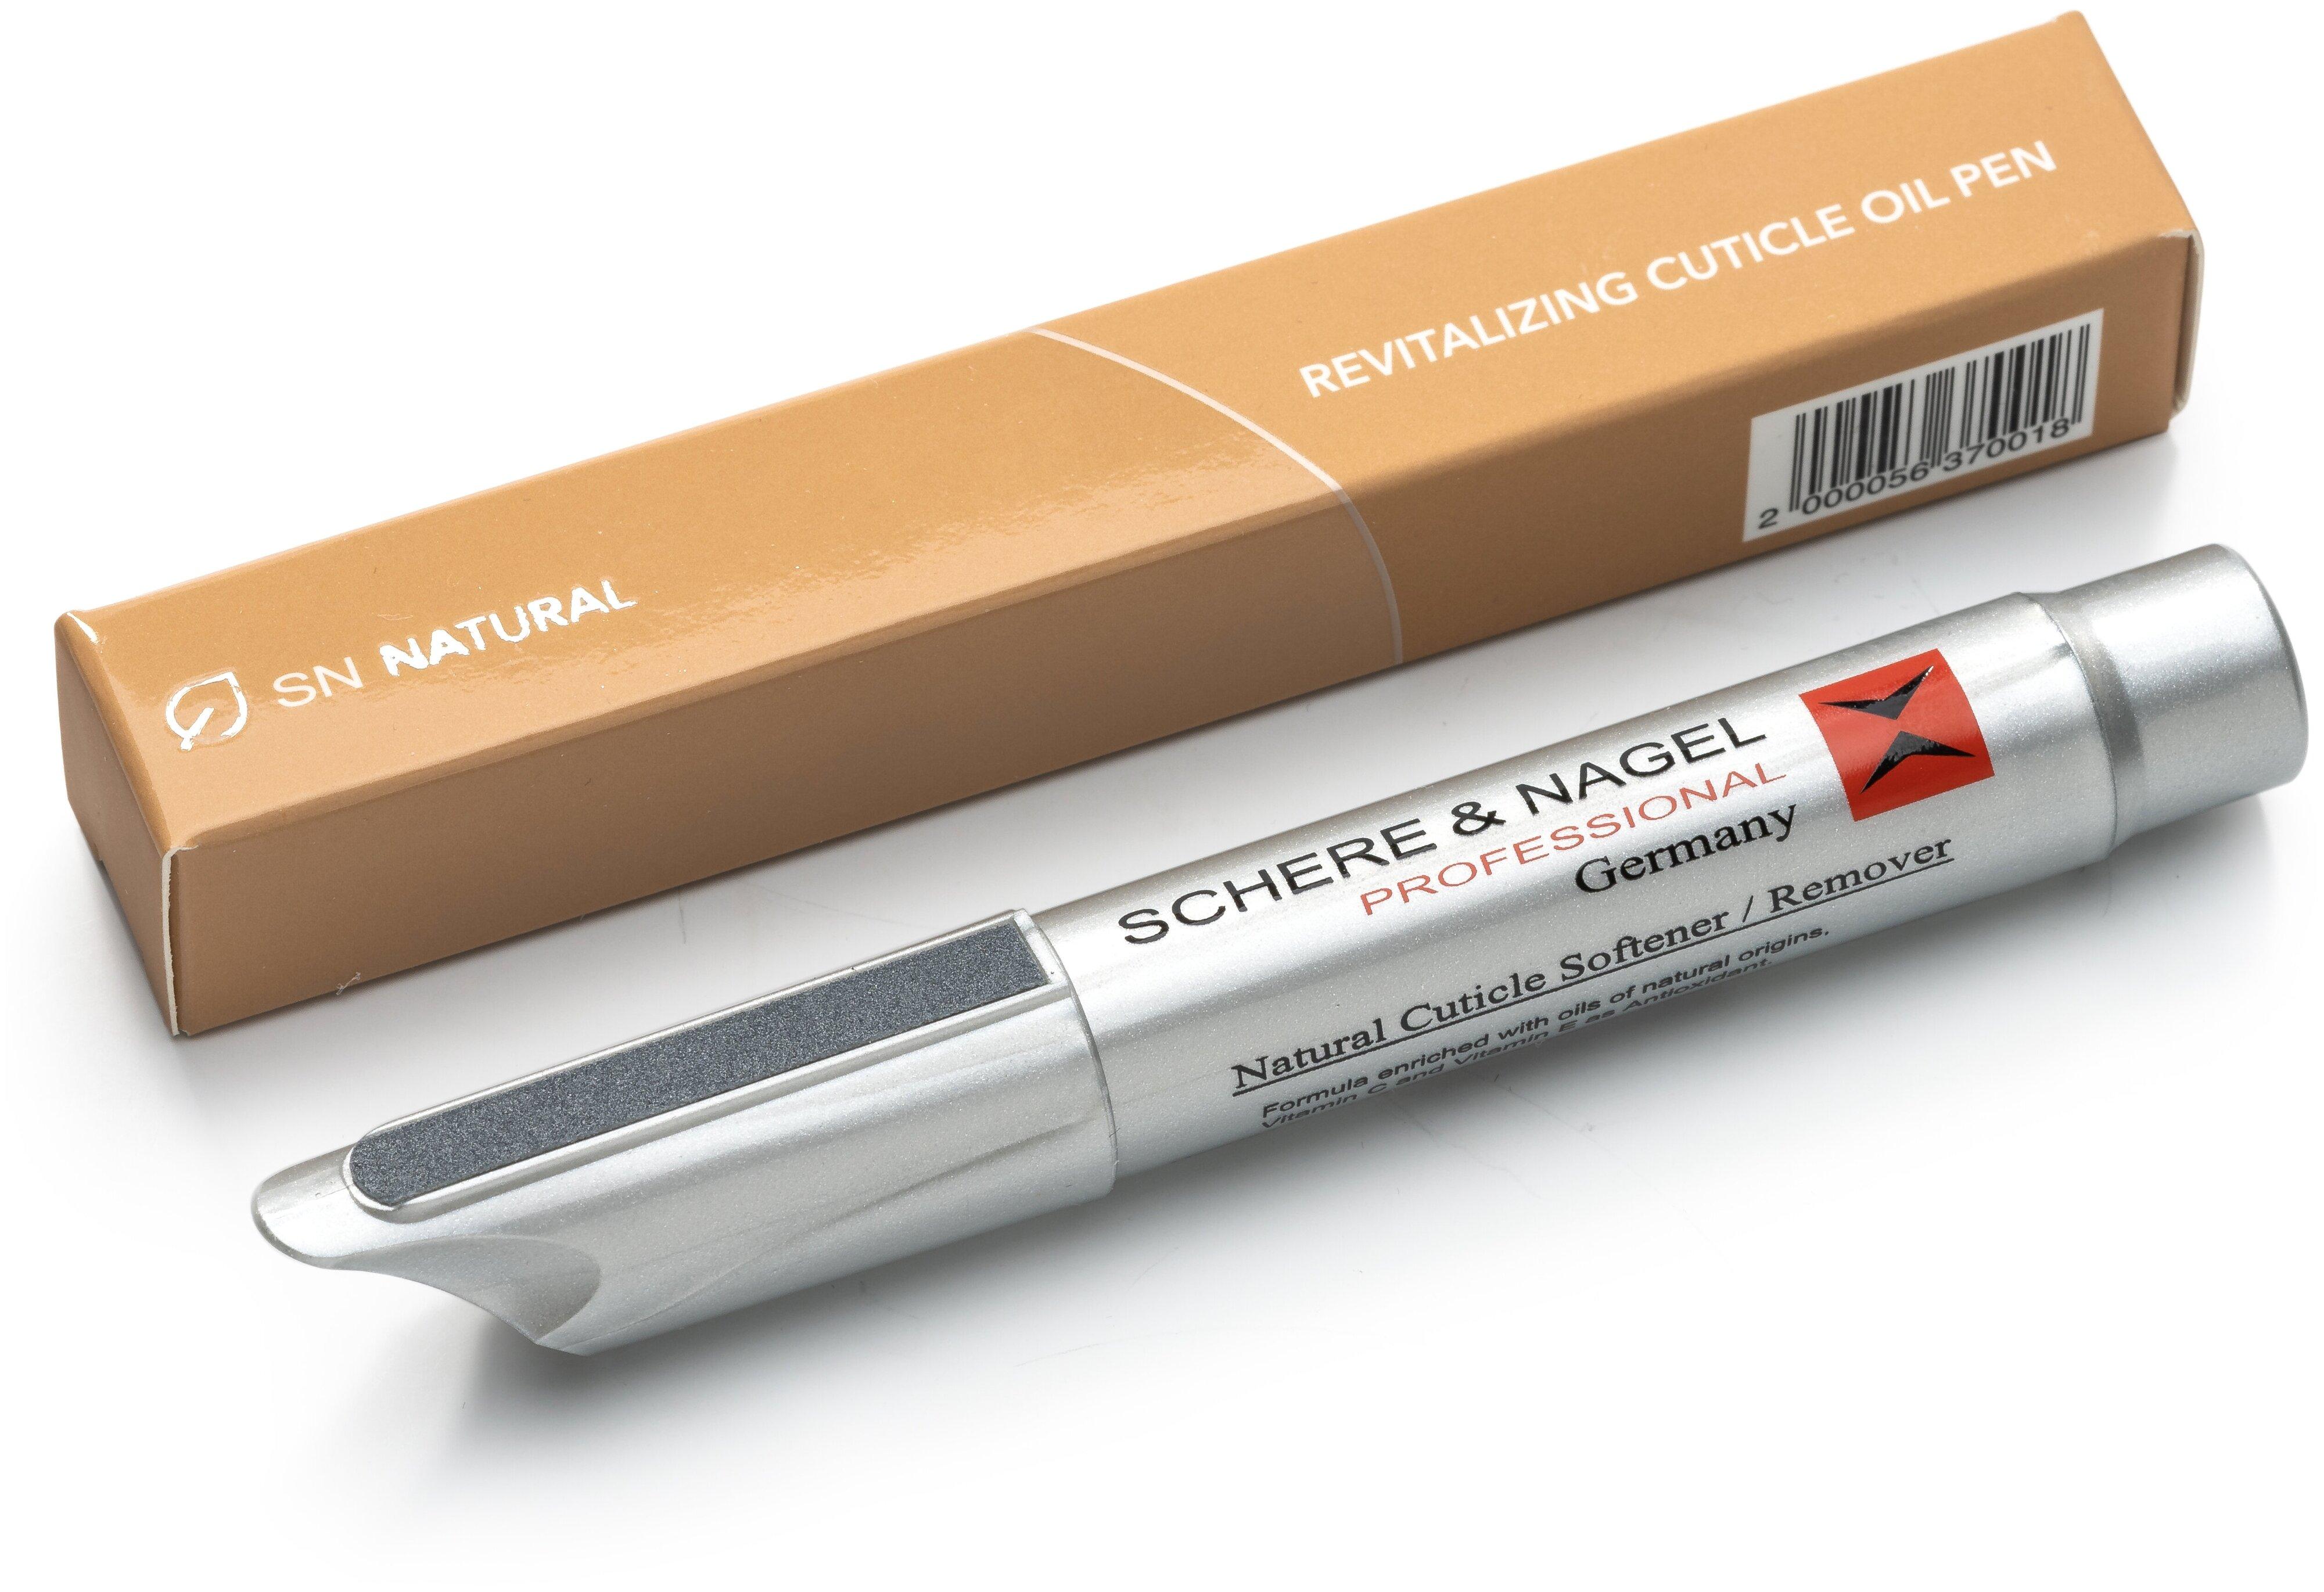 Купить Живой карандаш для кутикулы Schere Nagel, Мгновенное преображение внешнего вида ваших ногтей! И «на бегу» и в путешествиях! Не требует втирания и вбивания масел и не оставляет следов. по низкой цене с доставкой из Яндекс.Маркета